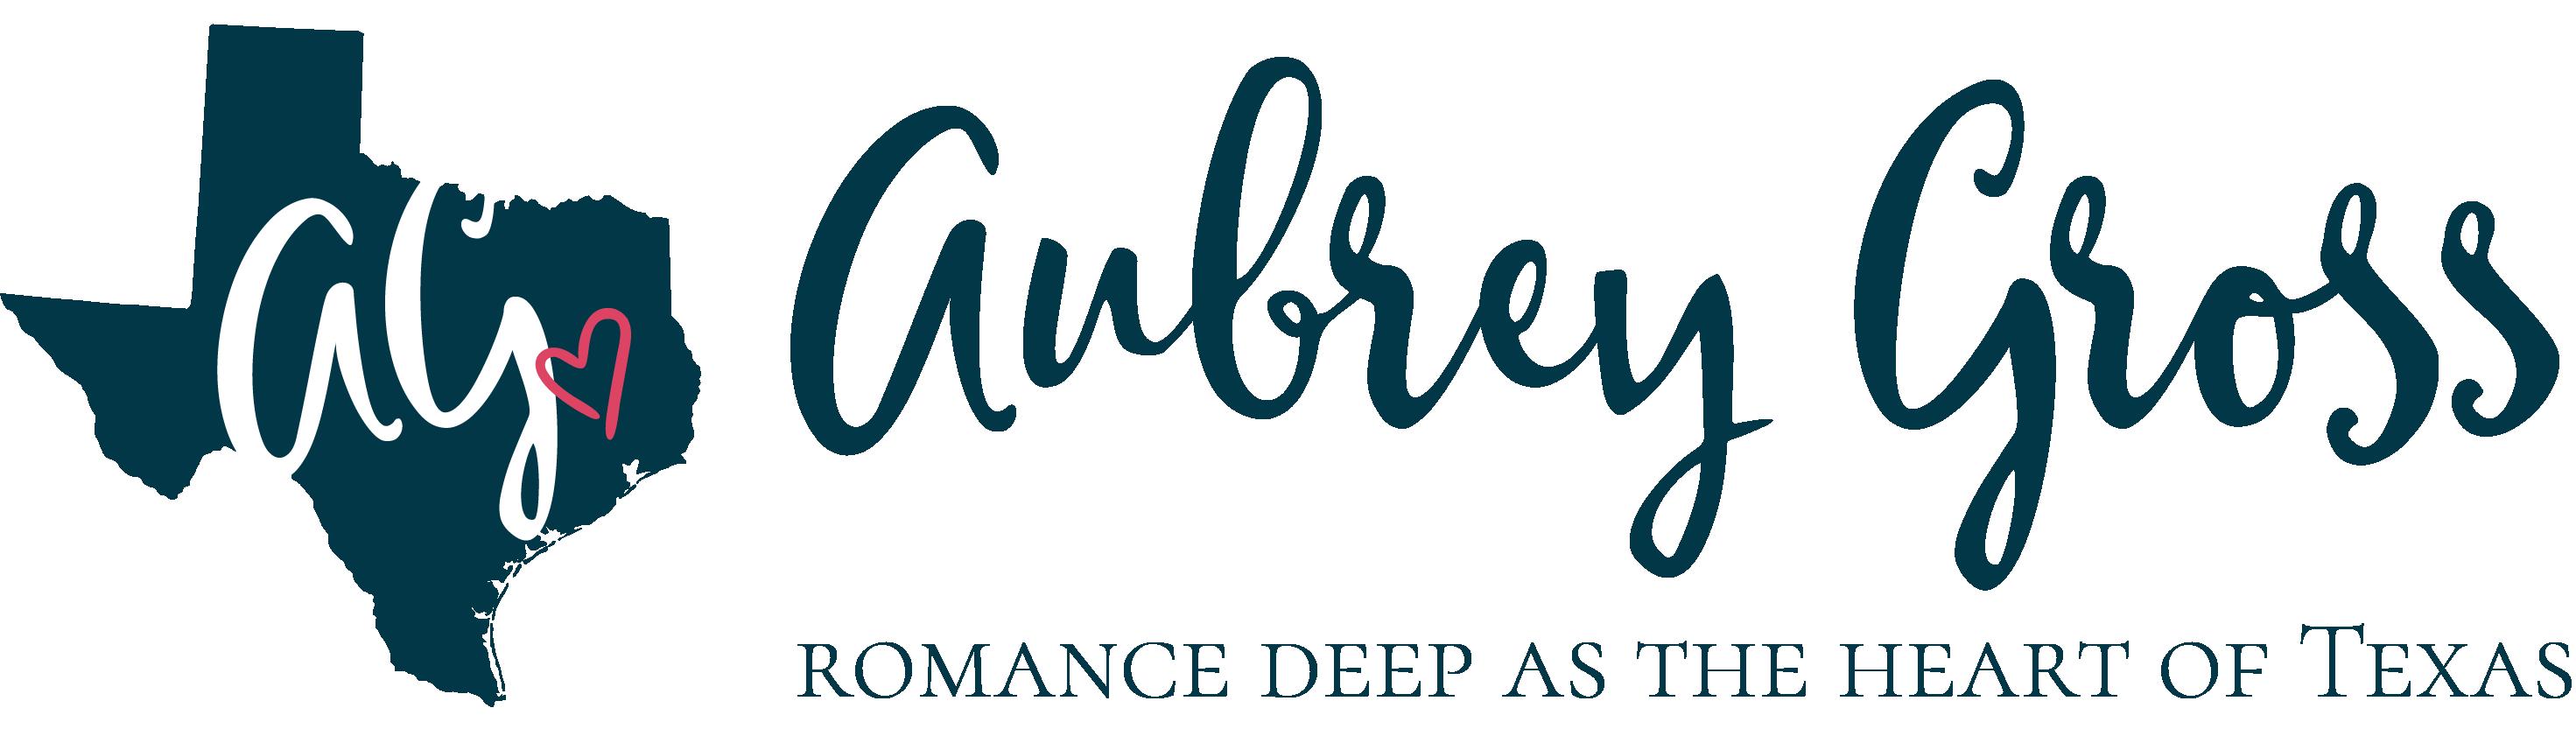 Aubrey Gross